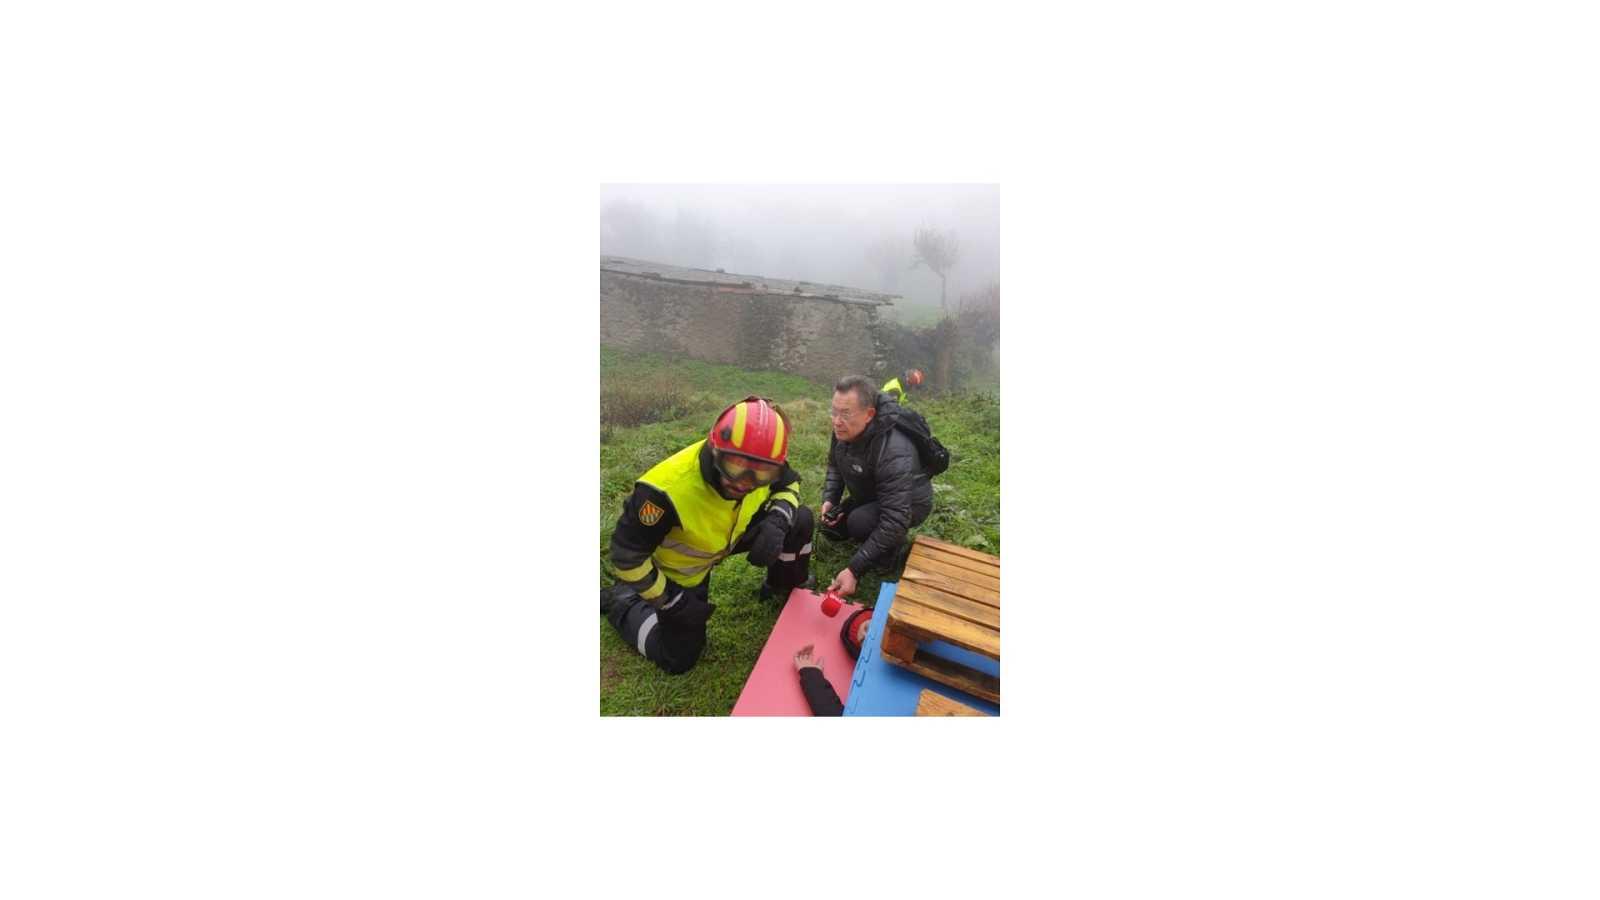 Sin atajos - Medicina y auxilio en montaña, esos sanitarios escaladores - 23/12/19 - escuchar ahora